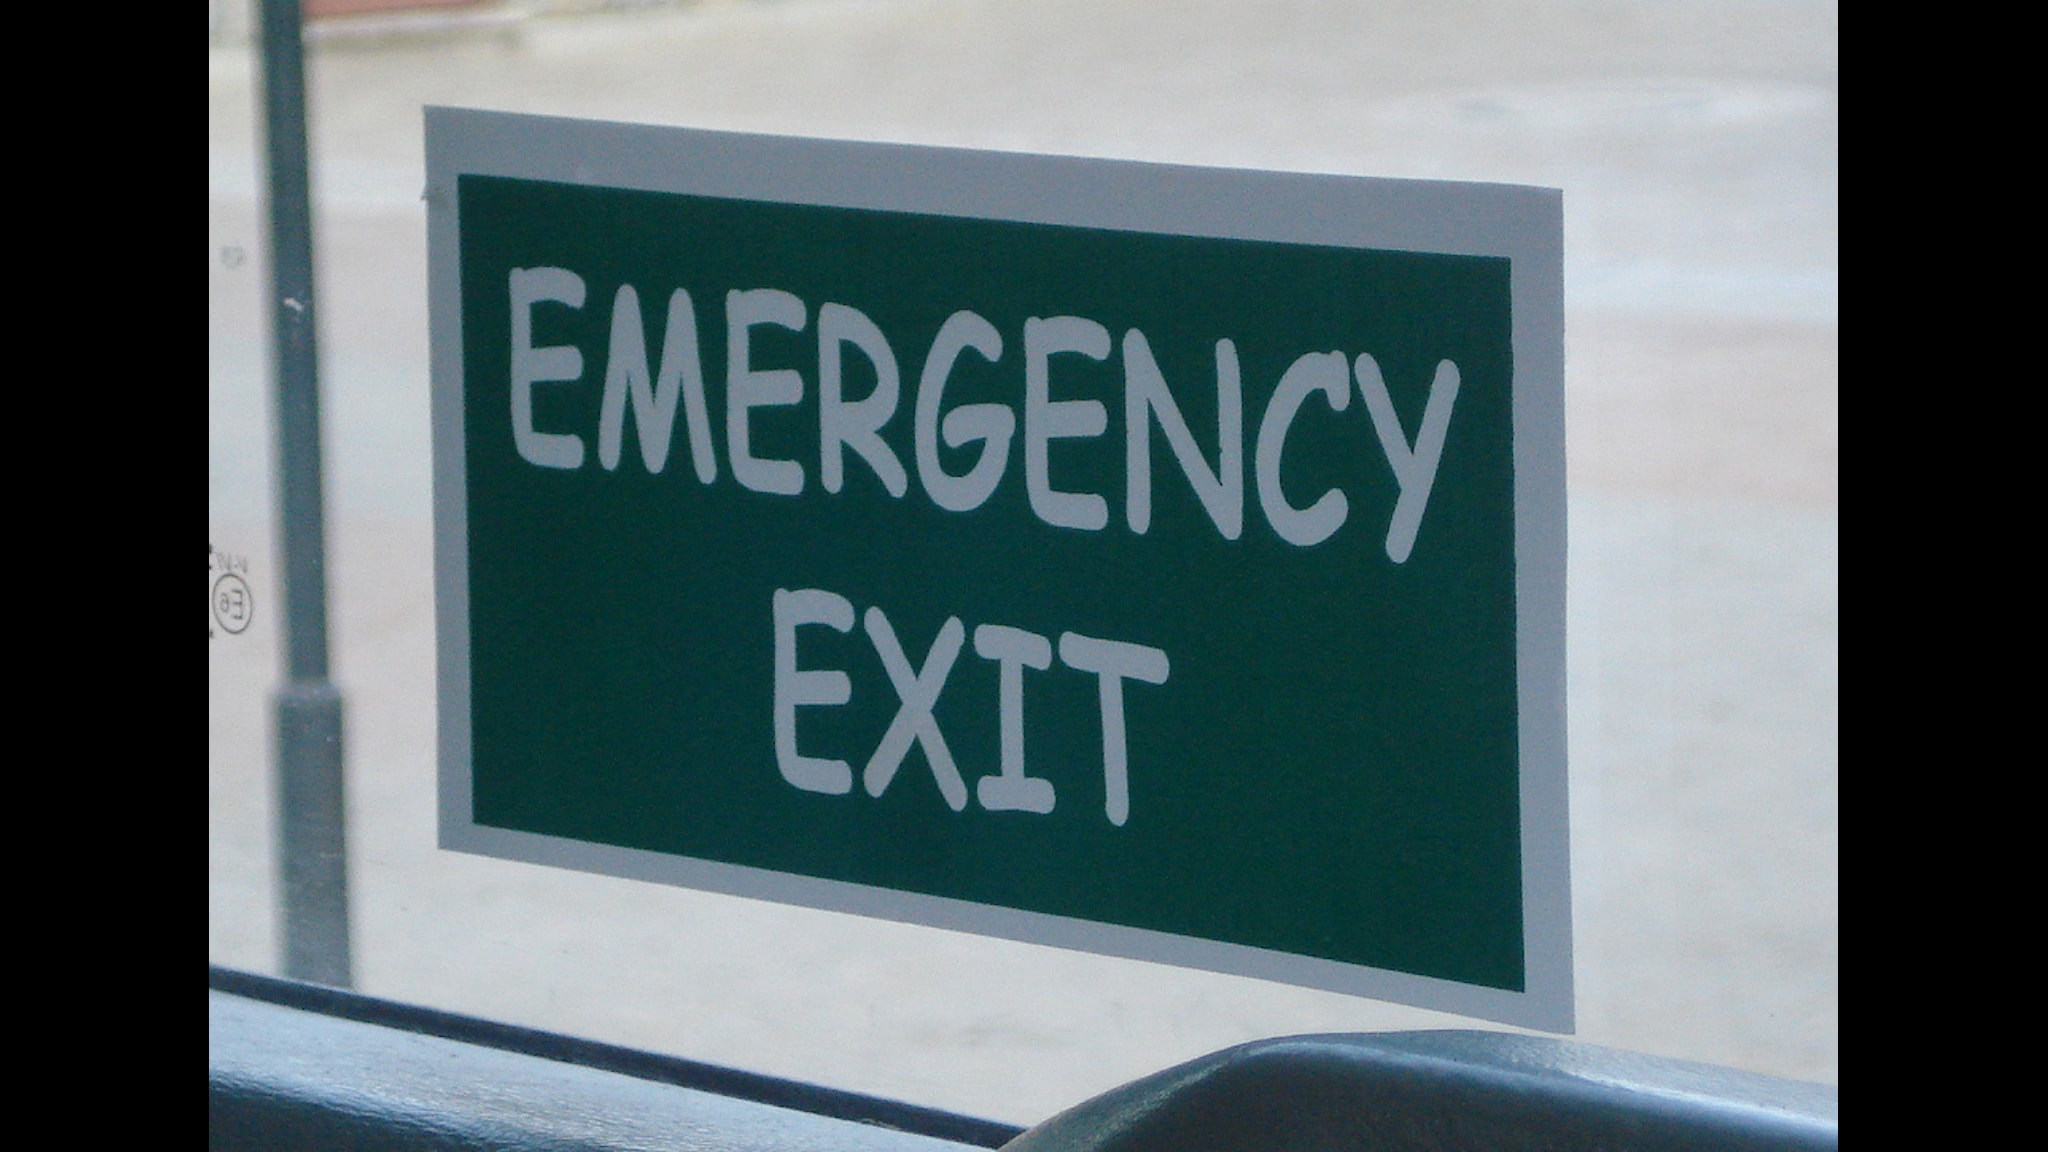 Orden Emergency Exit i typsnittet Comic Sans. Foto: DJ-Nike / Flickr.com